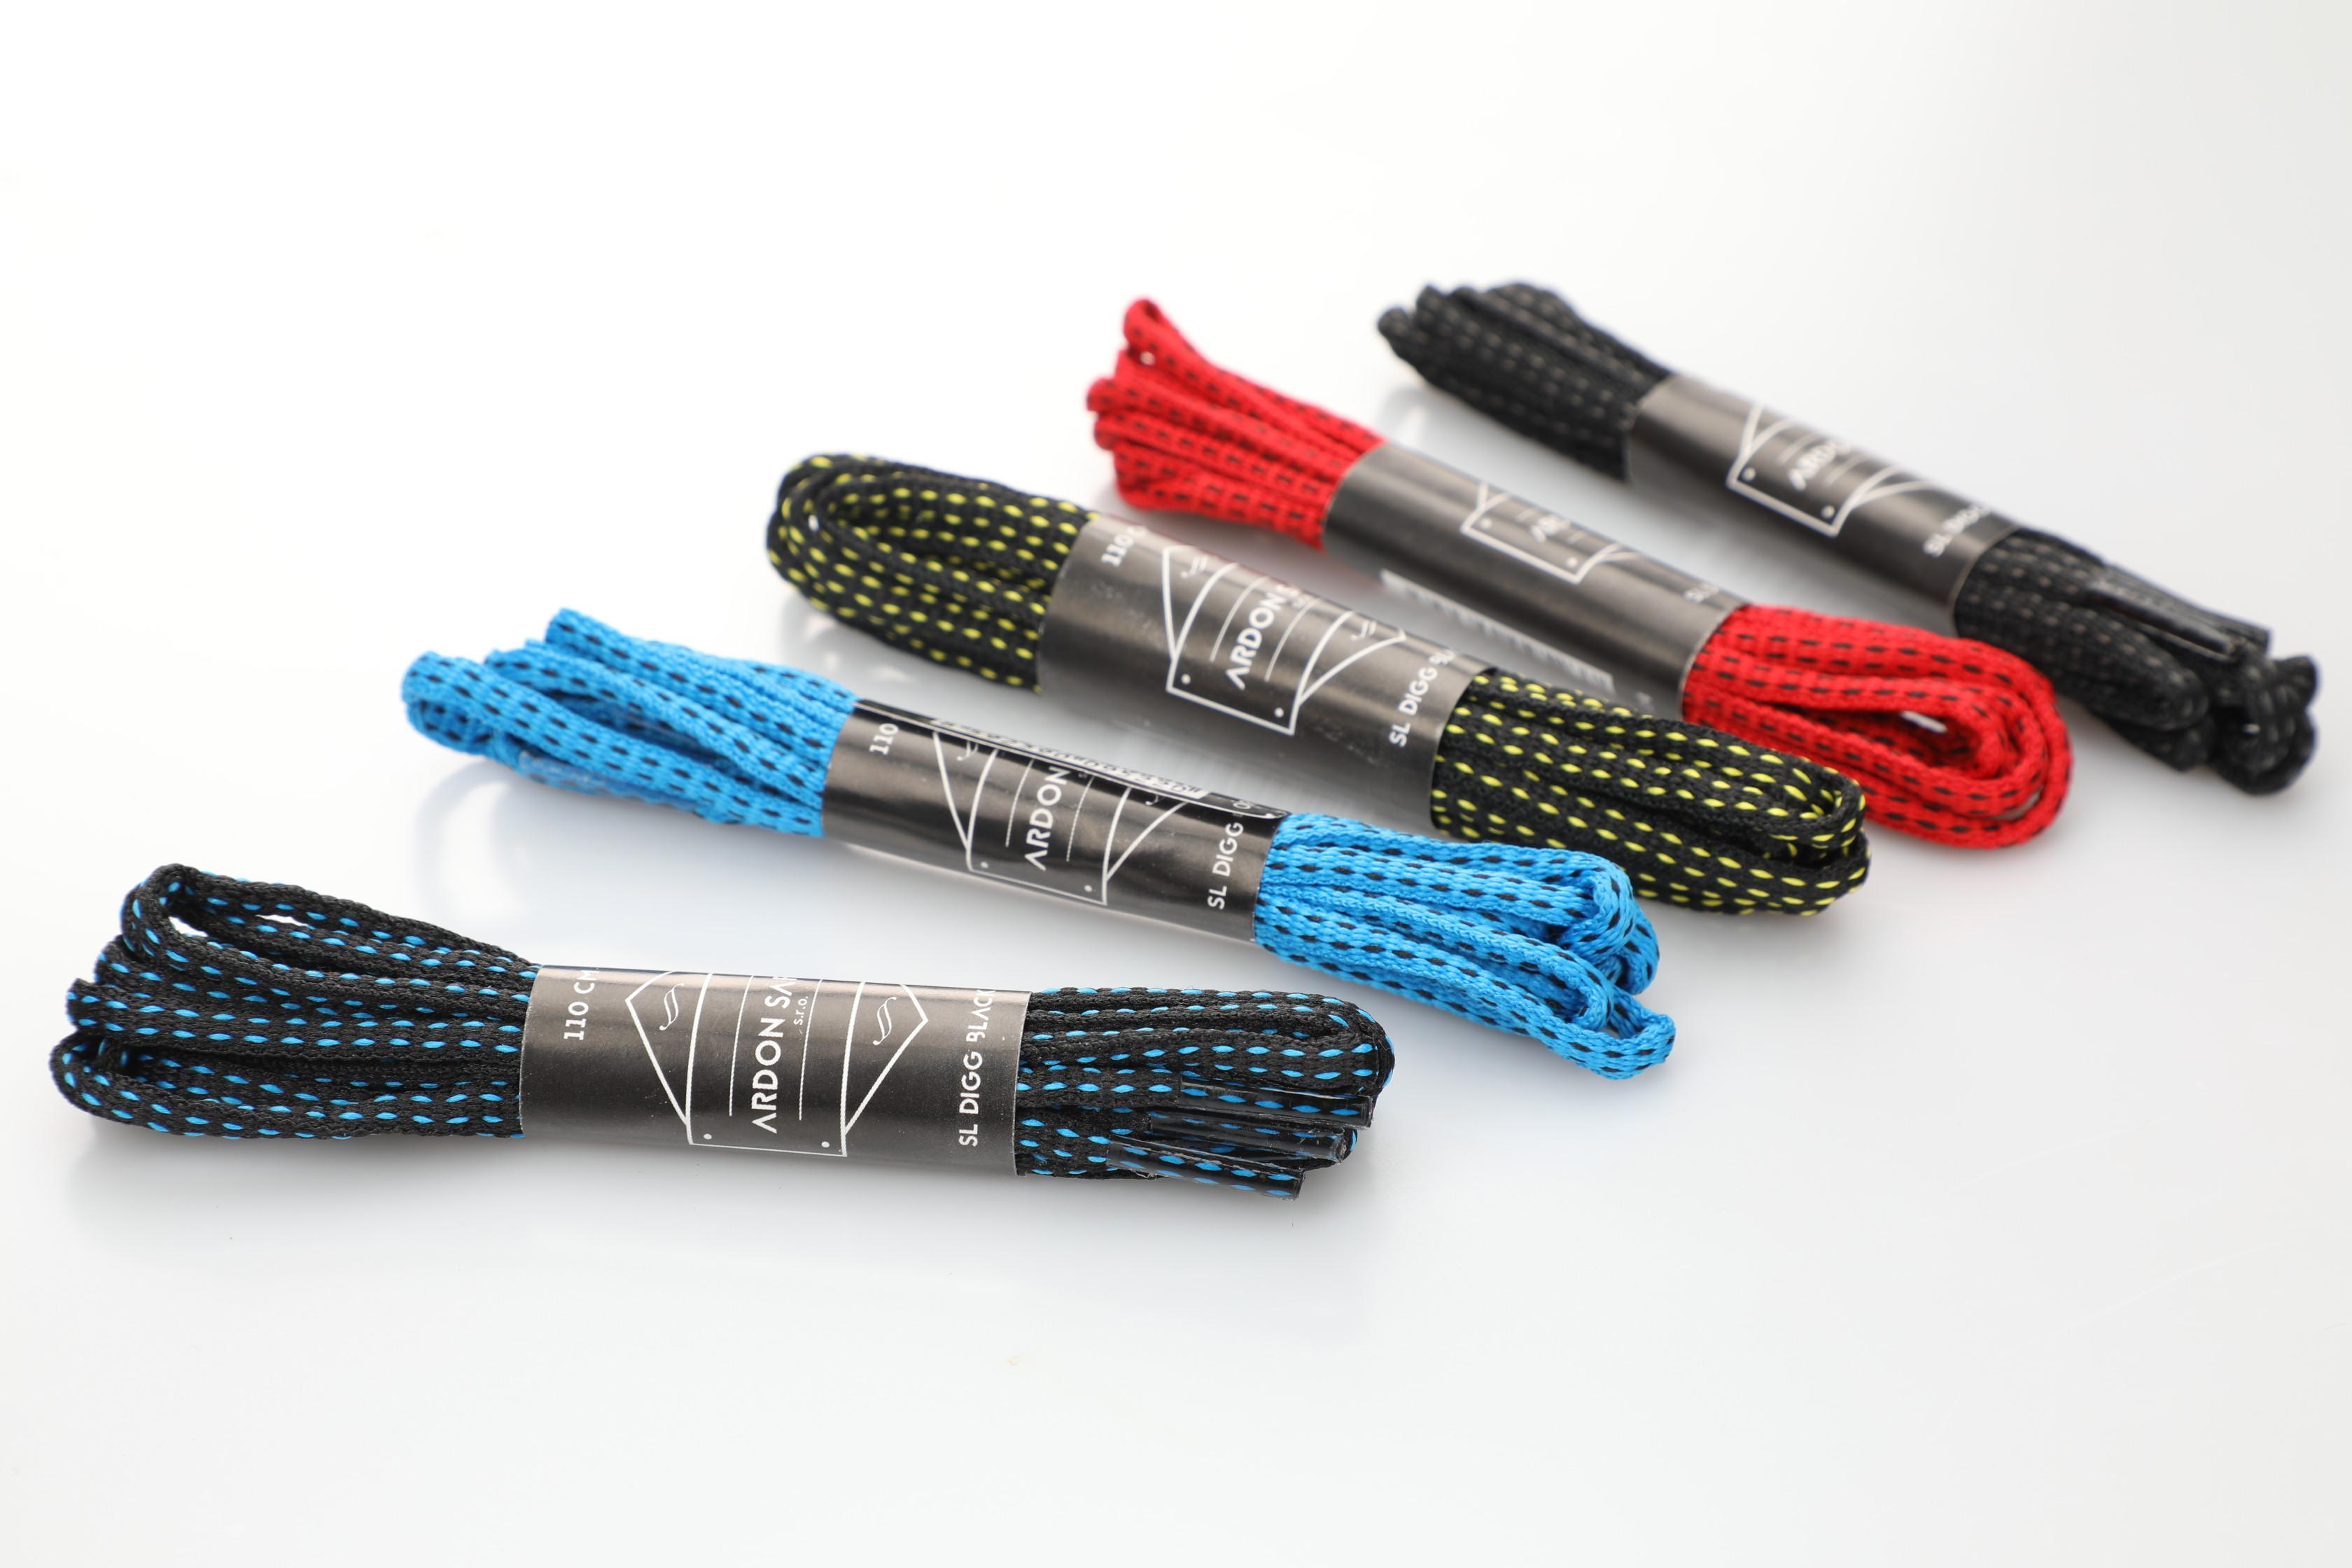 Tkaničky Digger černo/modré 105